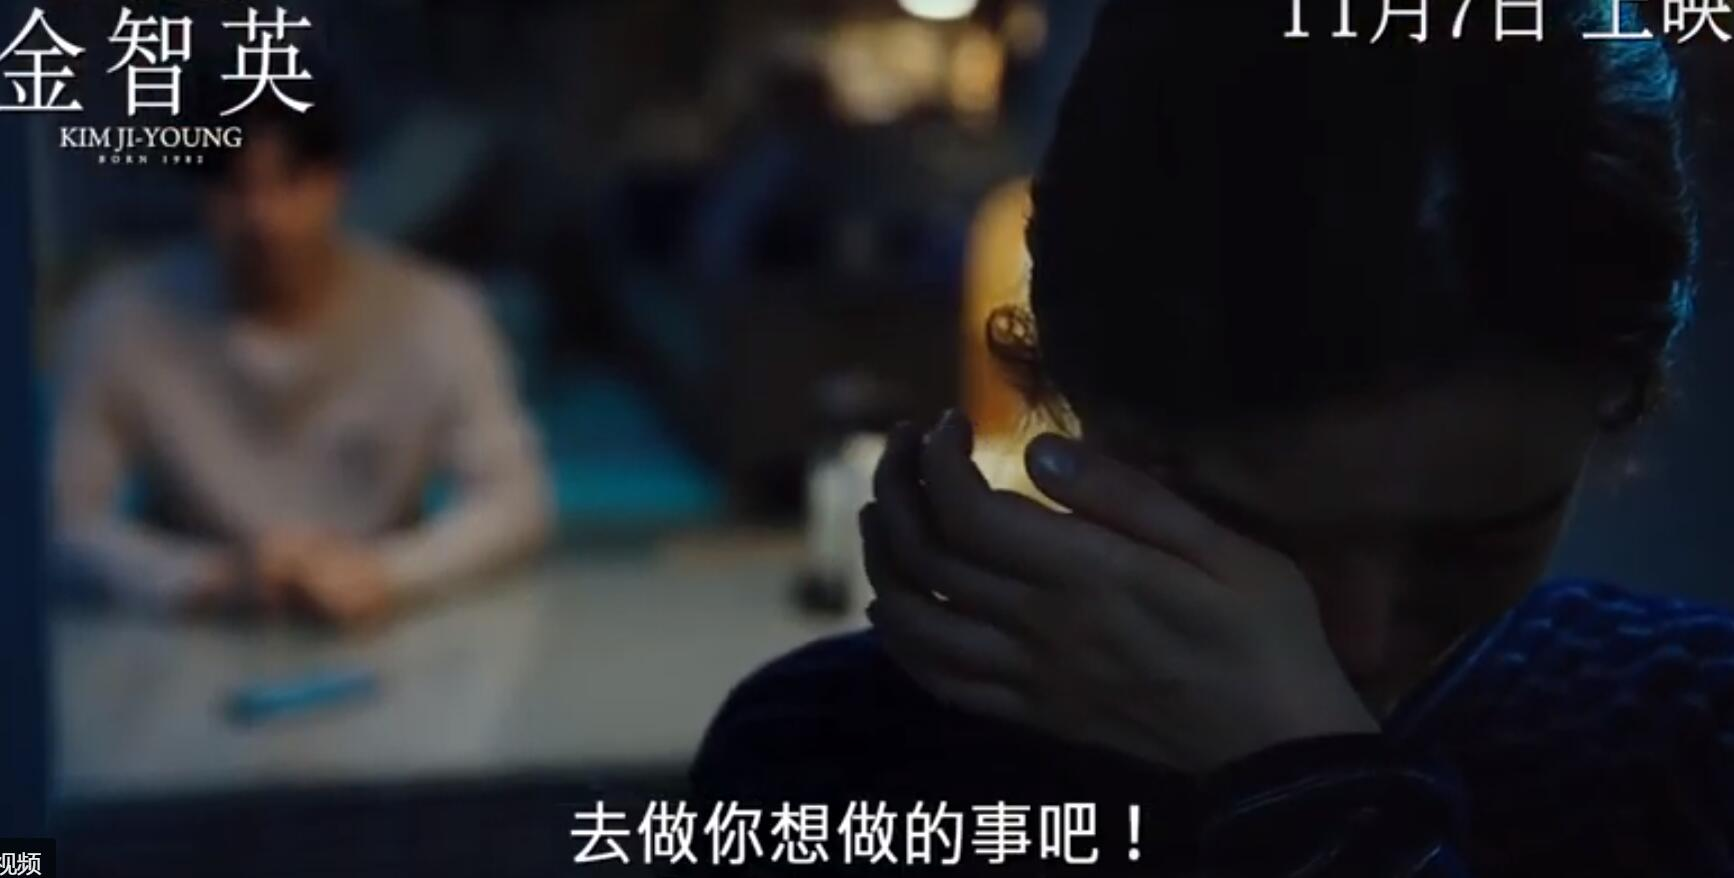 孔刘与郑有美第三度合作!新电影《82年生的金智英》未上映就有上千条负评,网友批评电影挑起韩国两性矛盾插图(9)